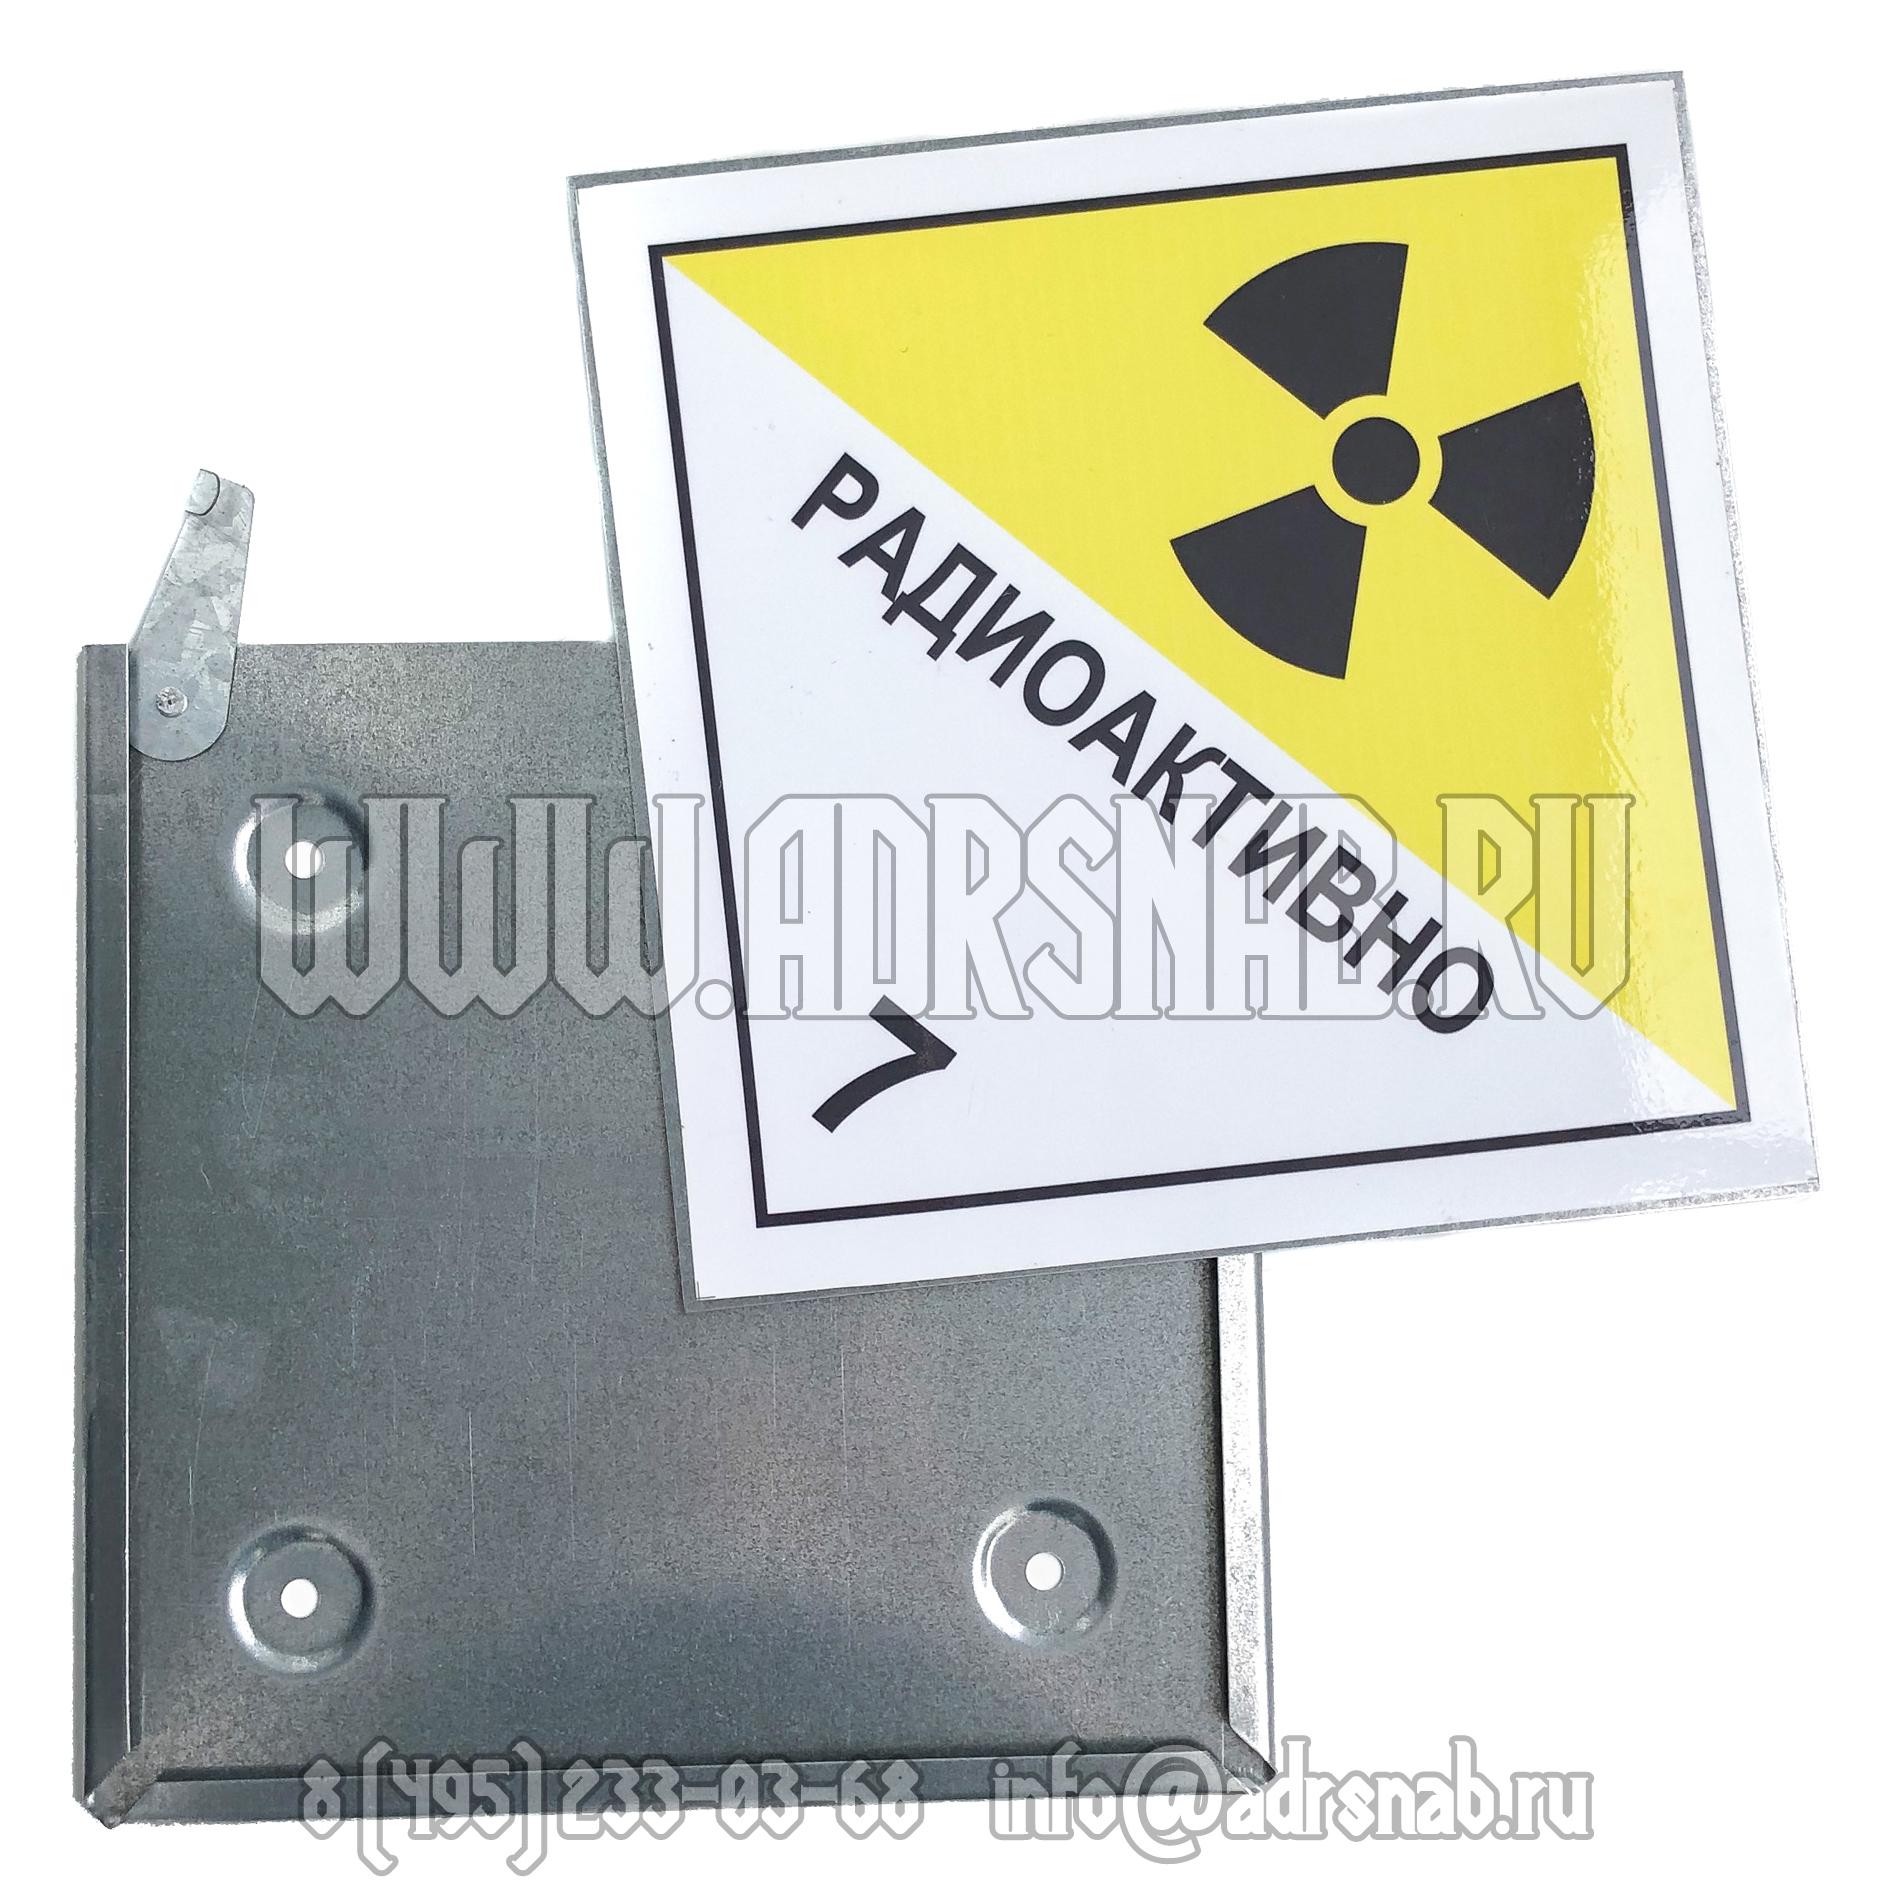 Пластина для больших знаков опасности и кронштейн (продается отдельно)